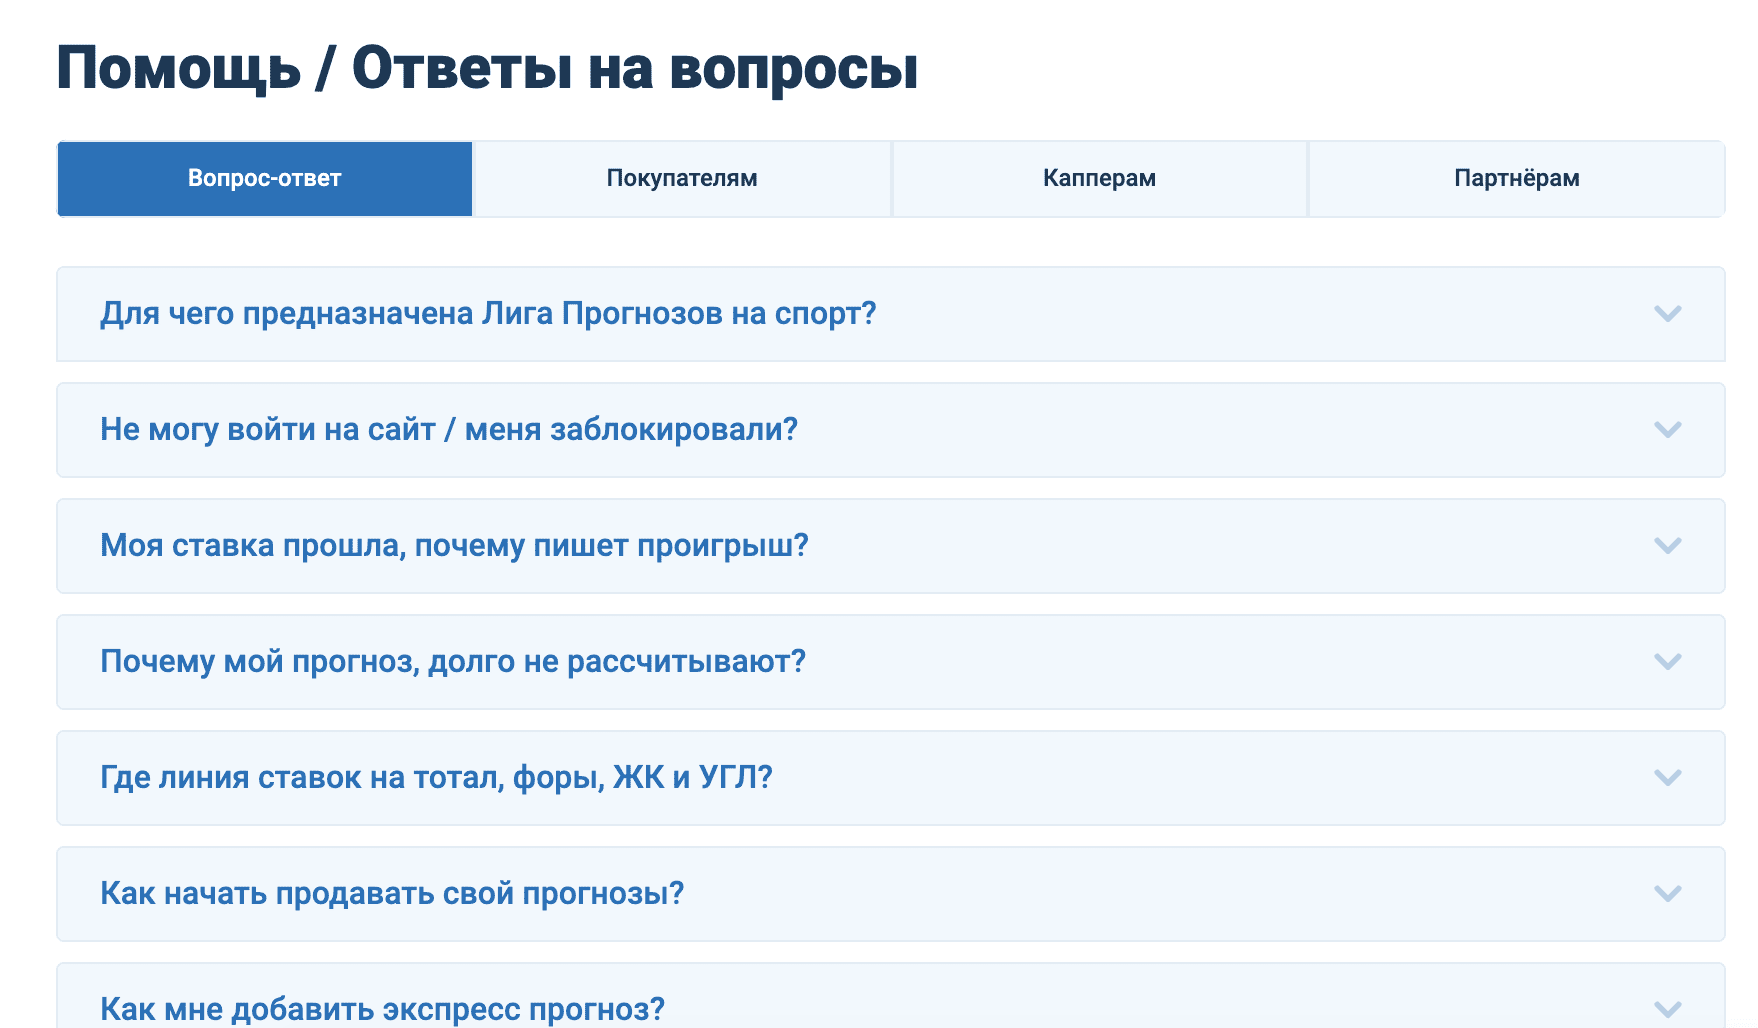 Ответы на вопросы на сайте Kushvsporte ru (Кушвспорте ру)